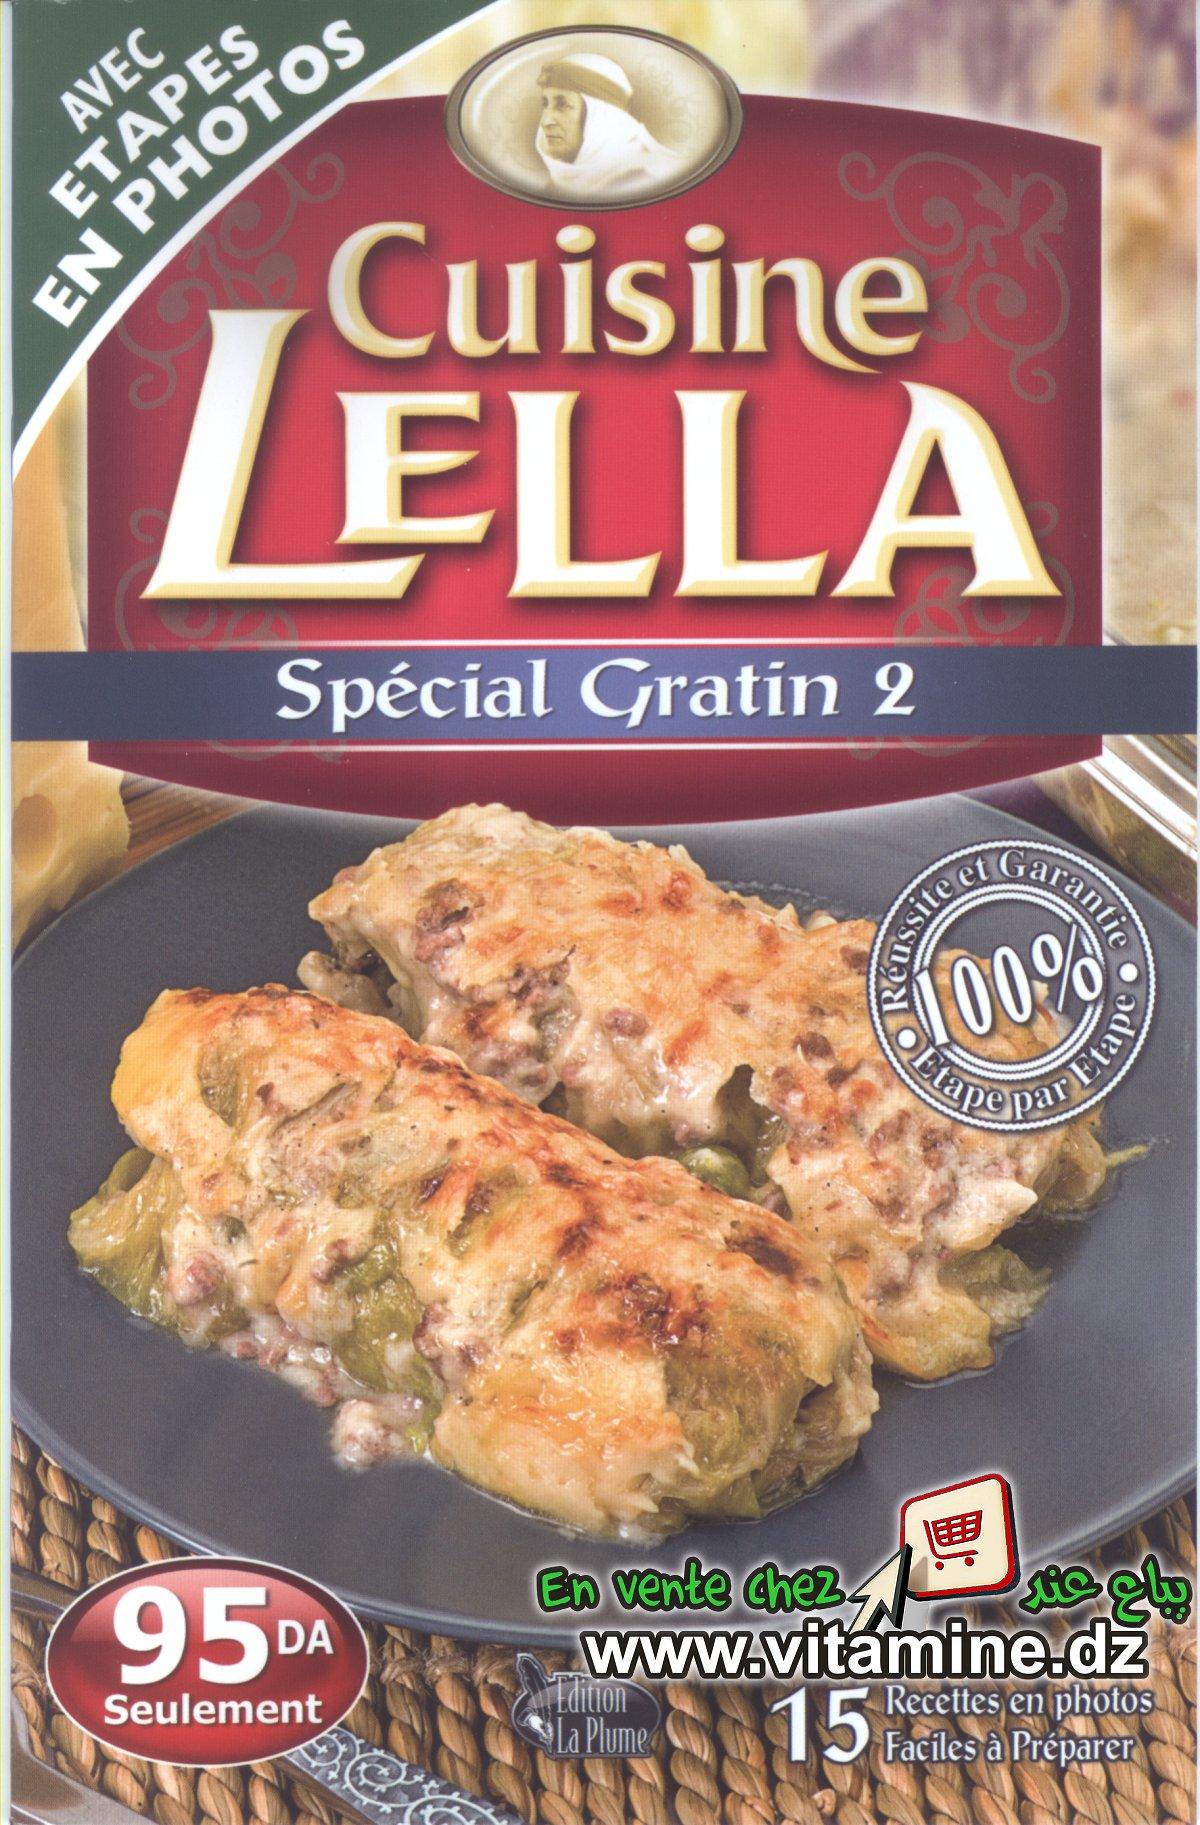 les livres de cuisine lella